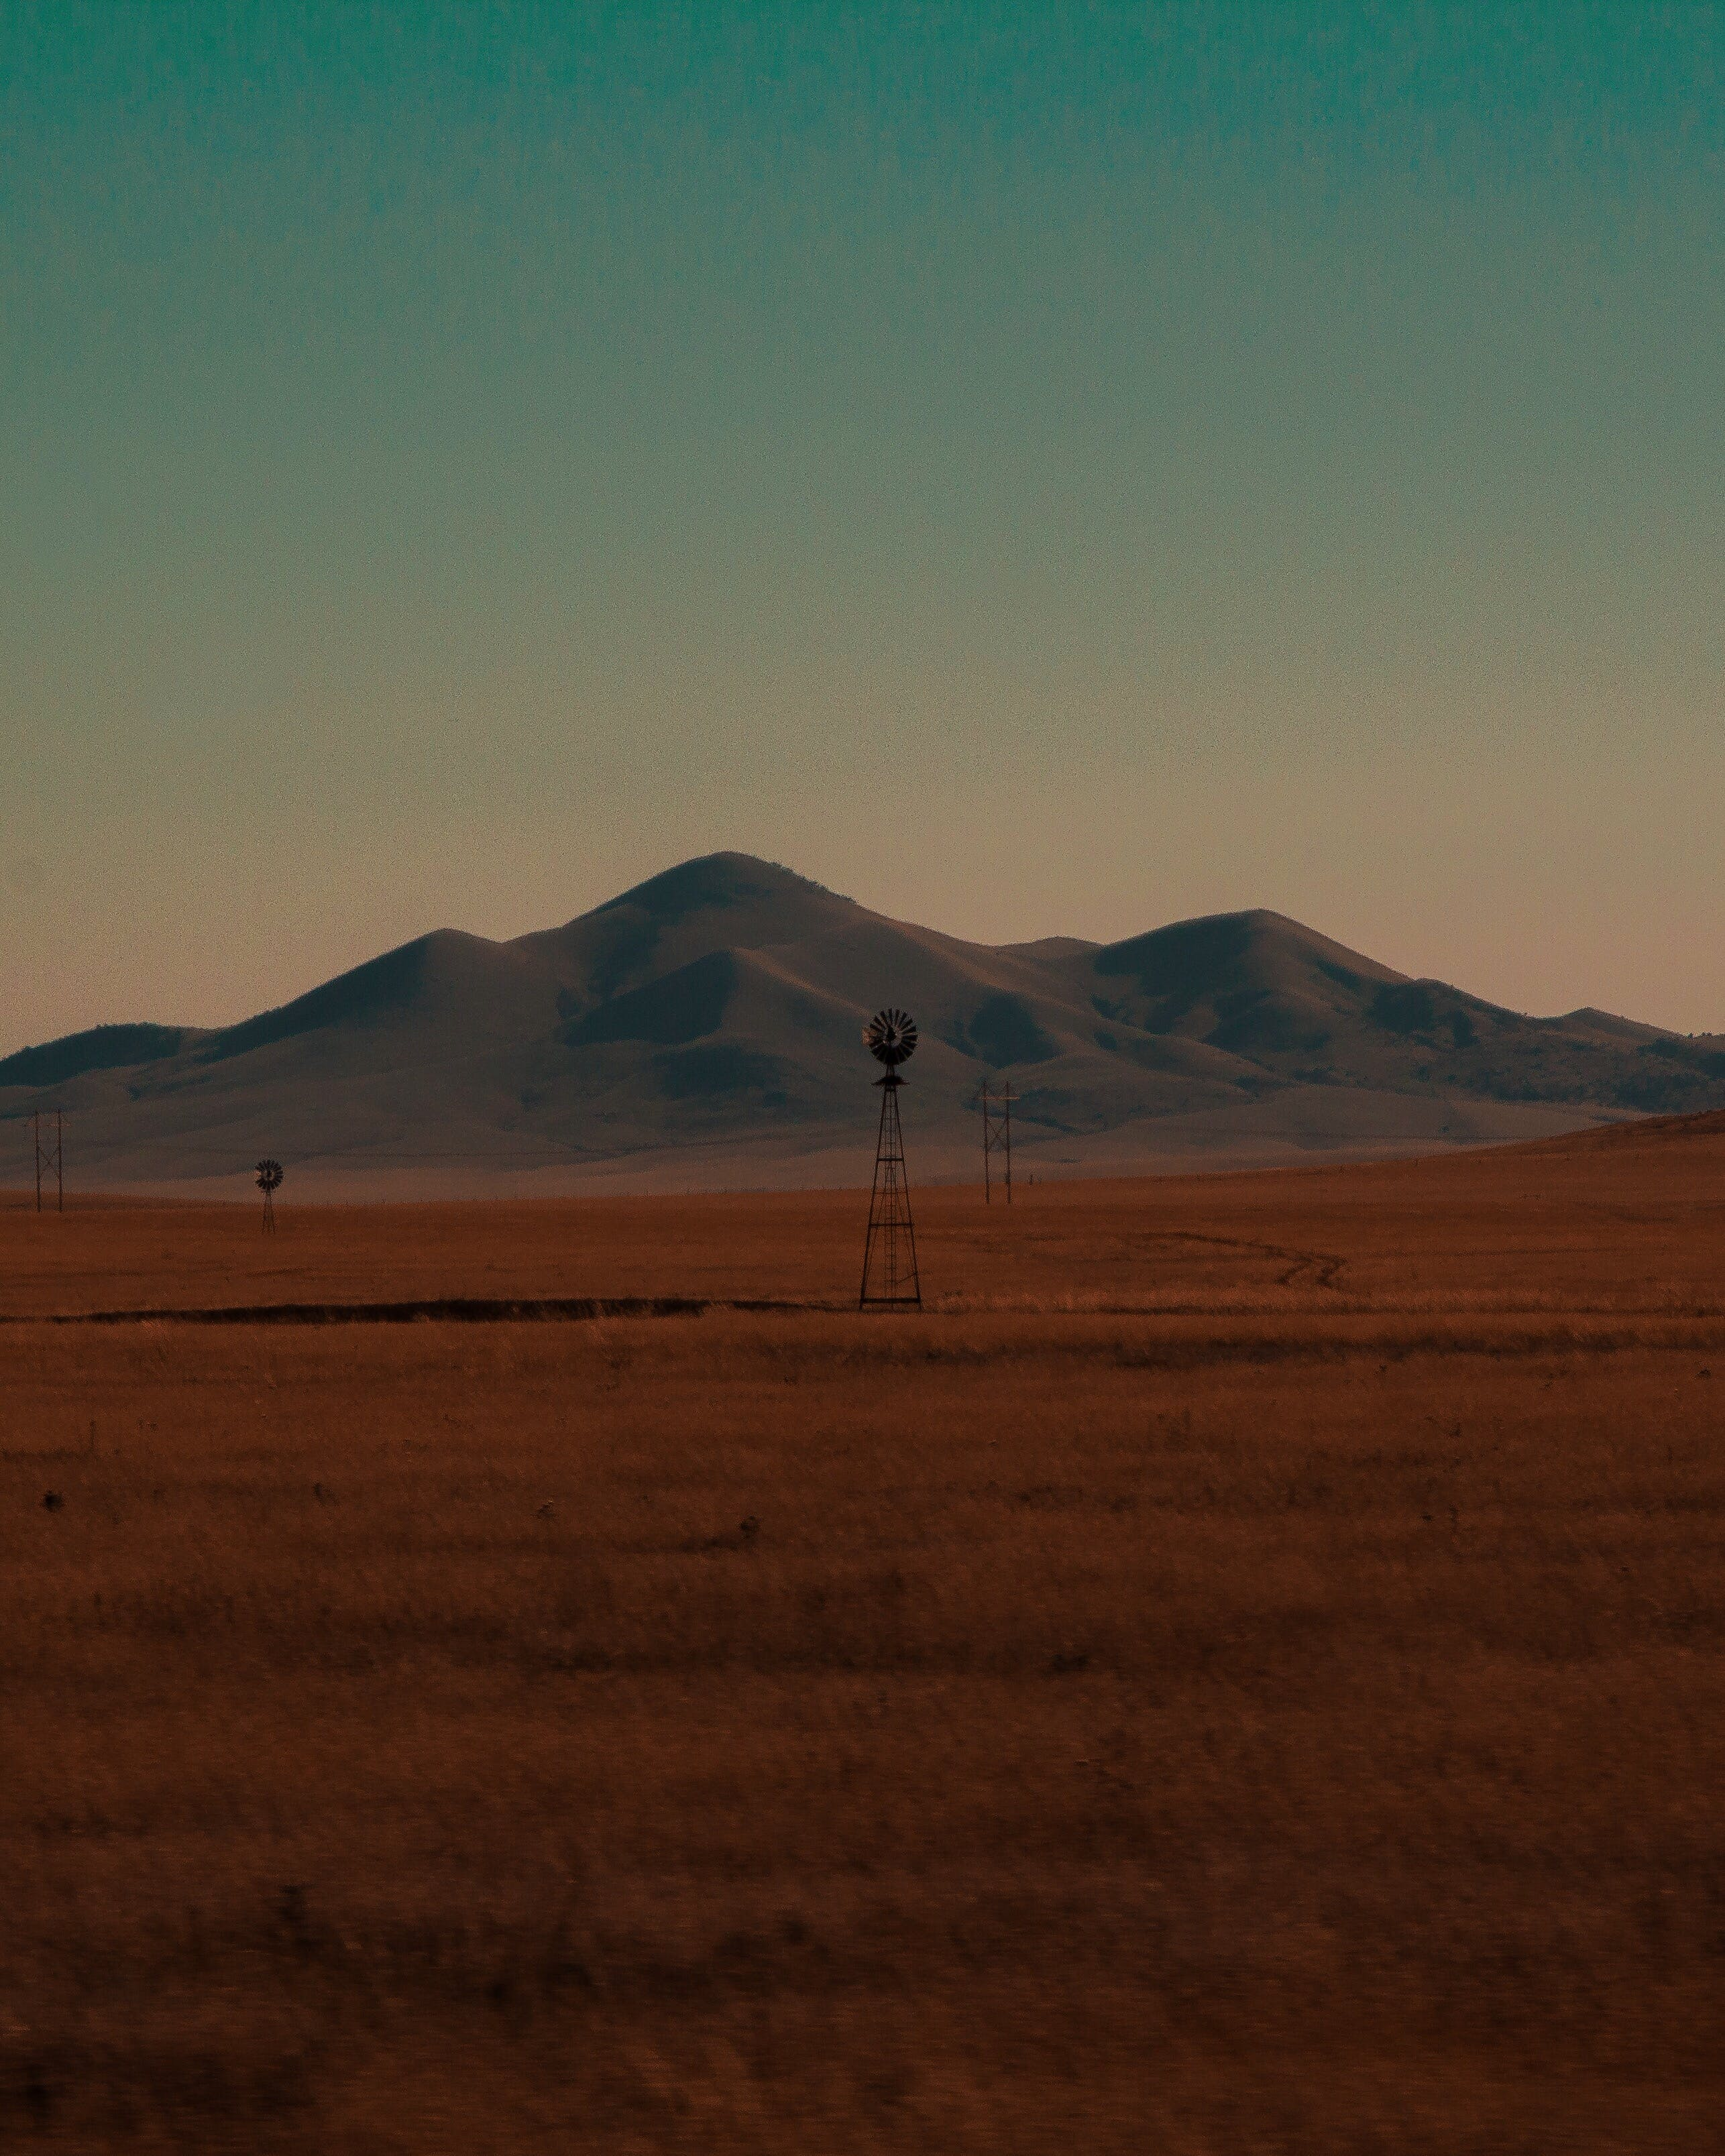 Wind Turbine on Landscape Field